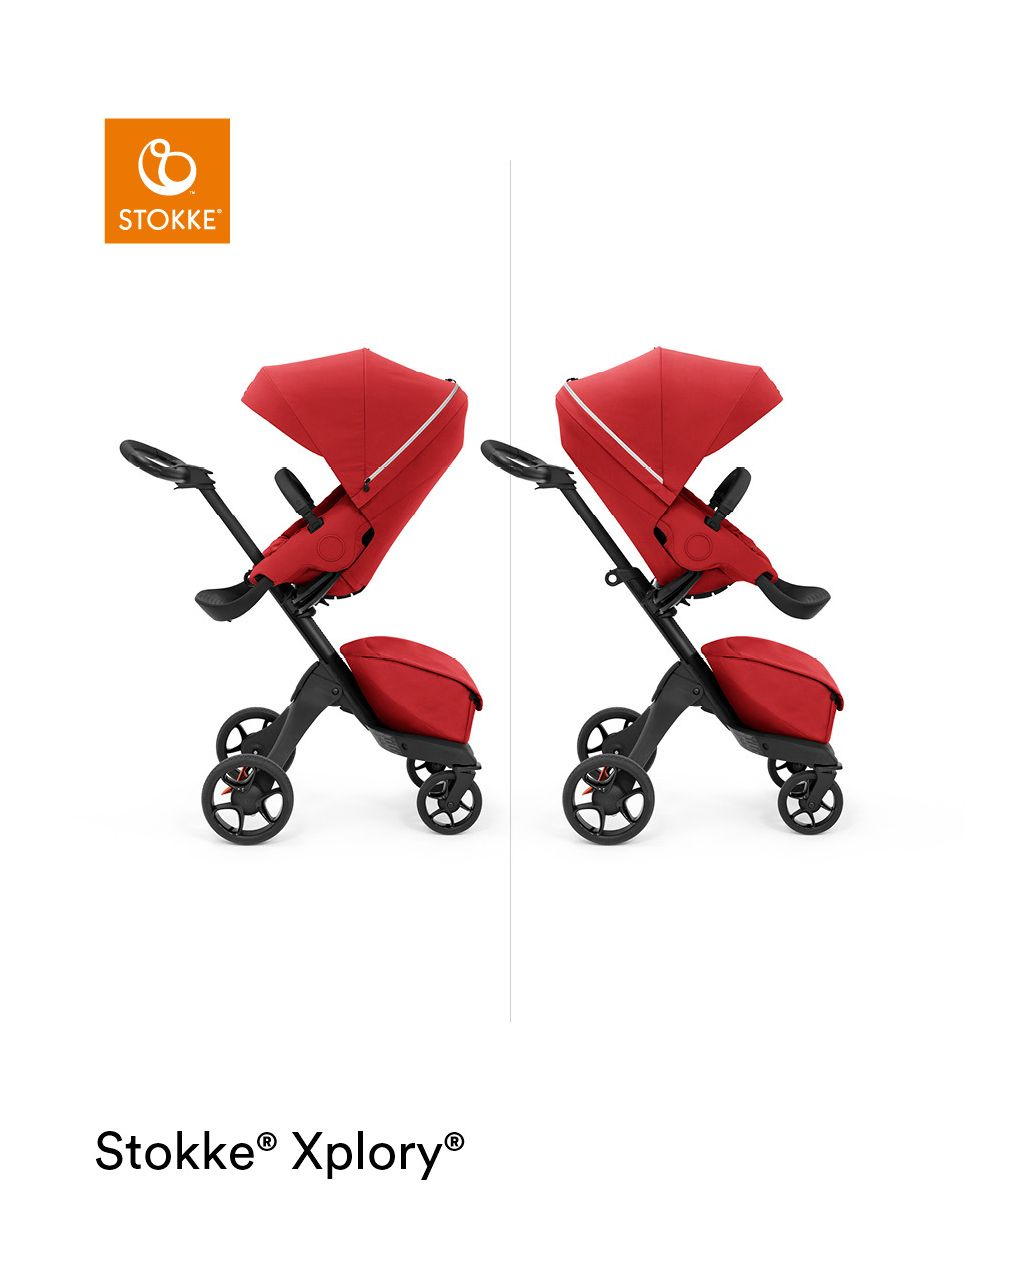 Stokke®  xplory® xdesign unico per avvicinarti al tuo bambino - Stokke